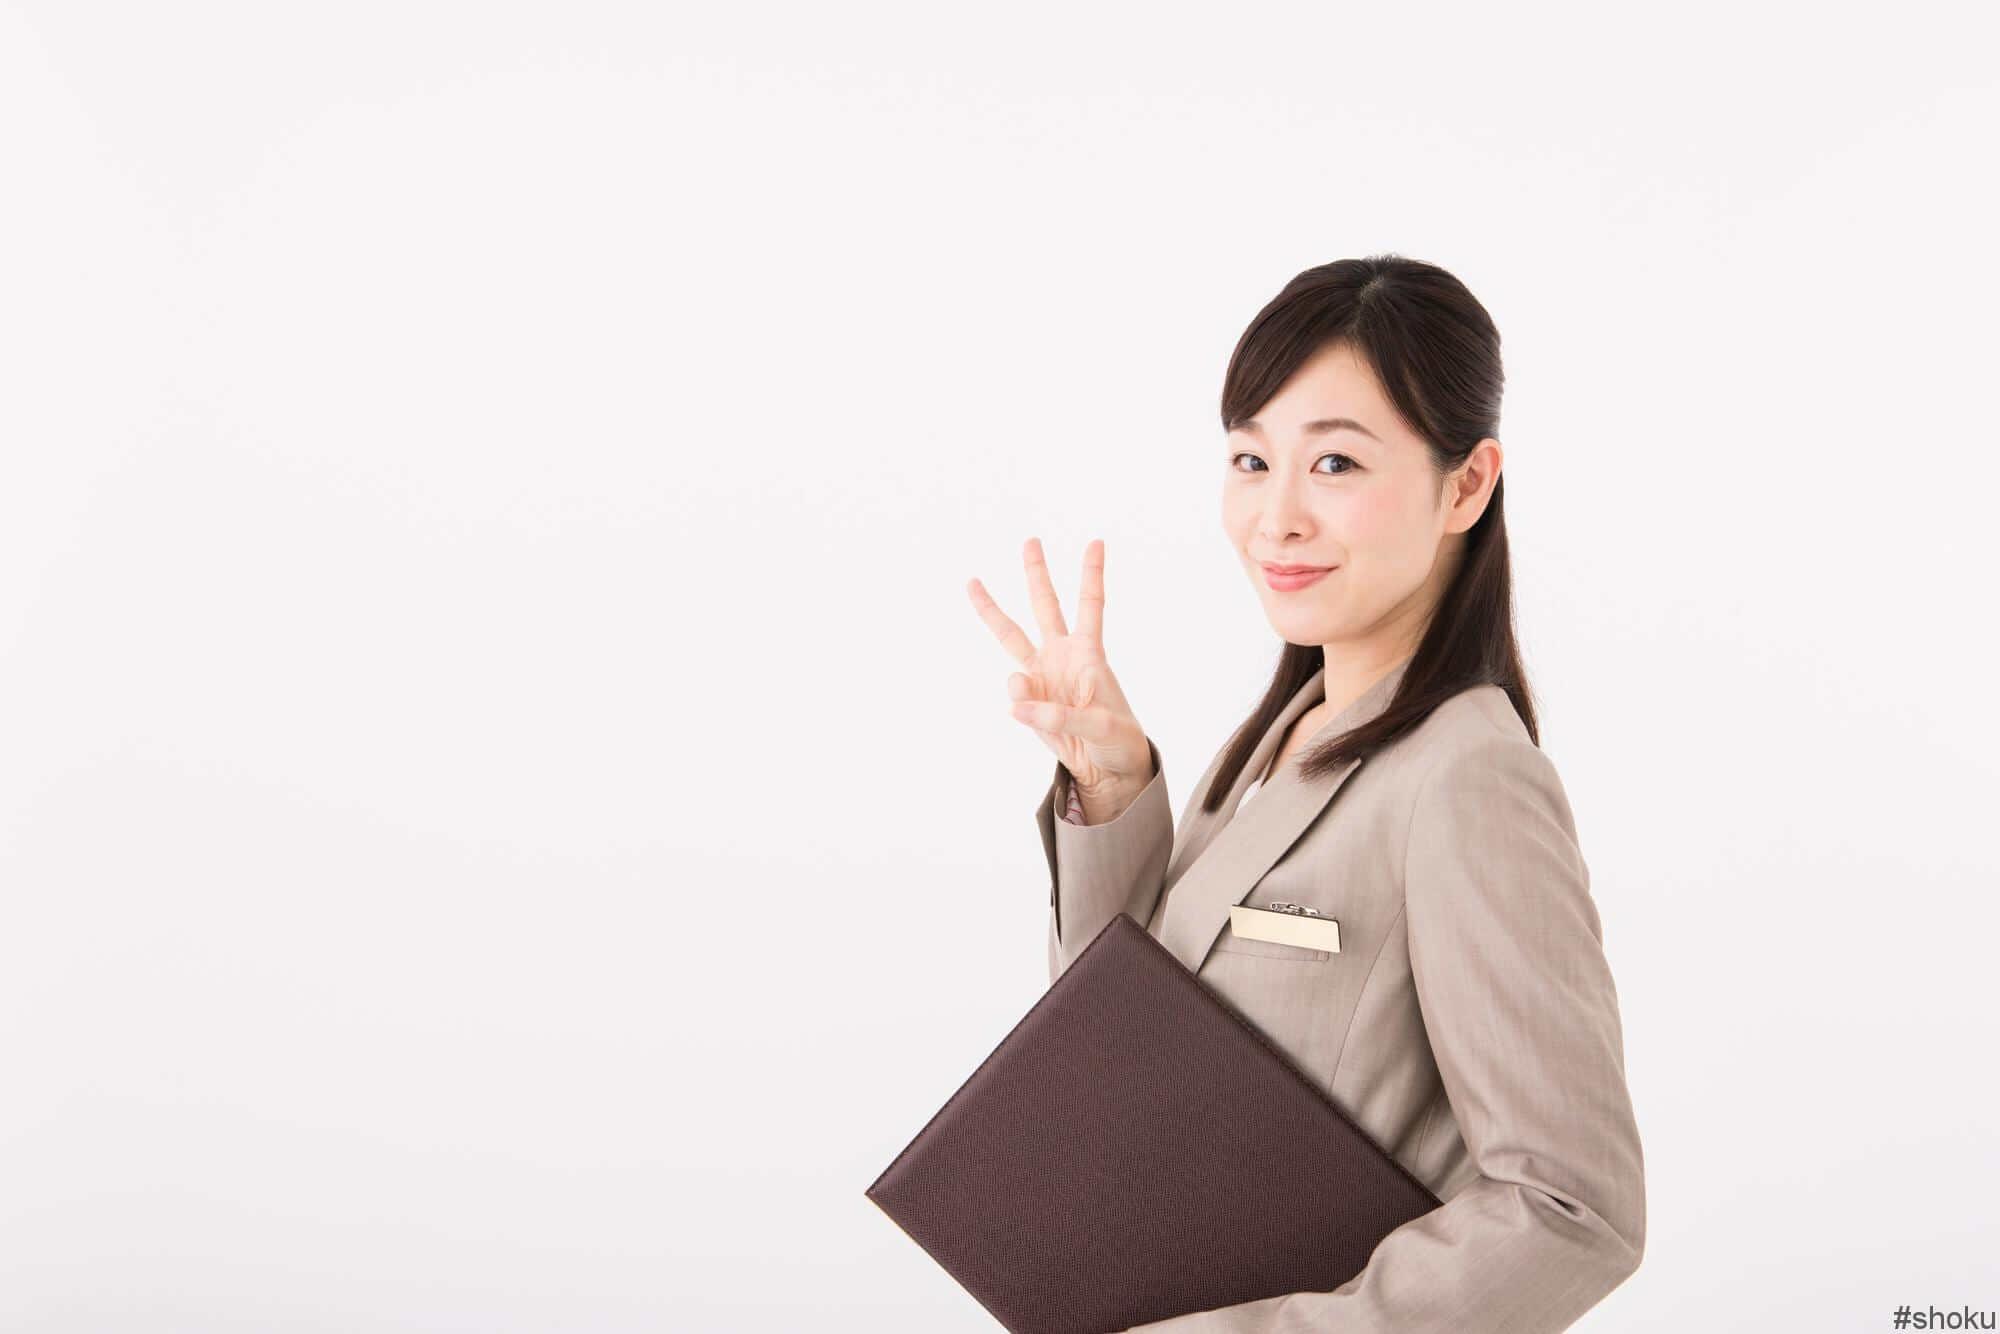 専業主婦の方が面接のときに注意すべきポイント